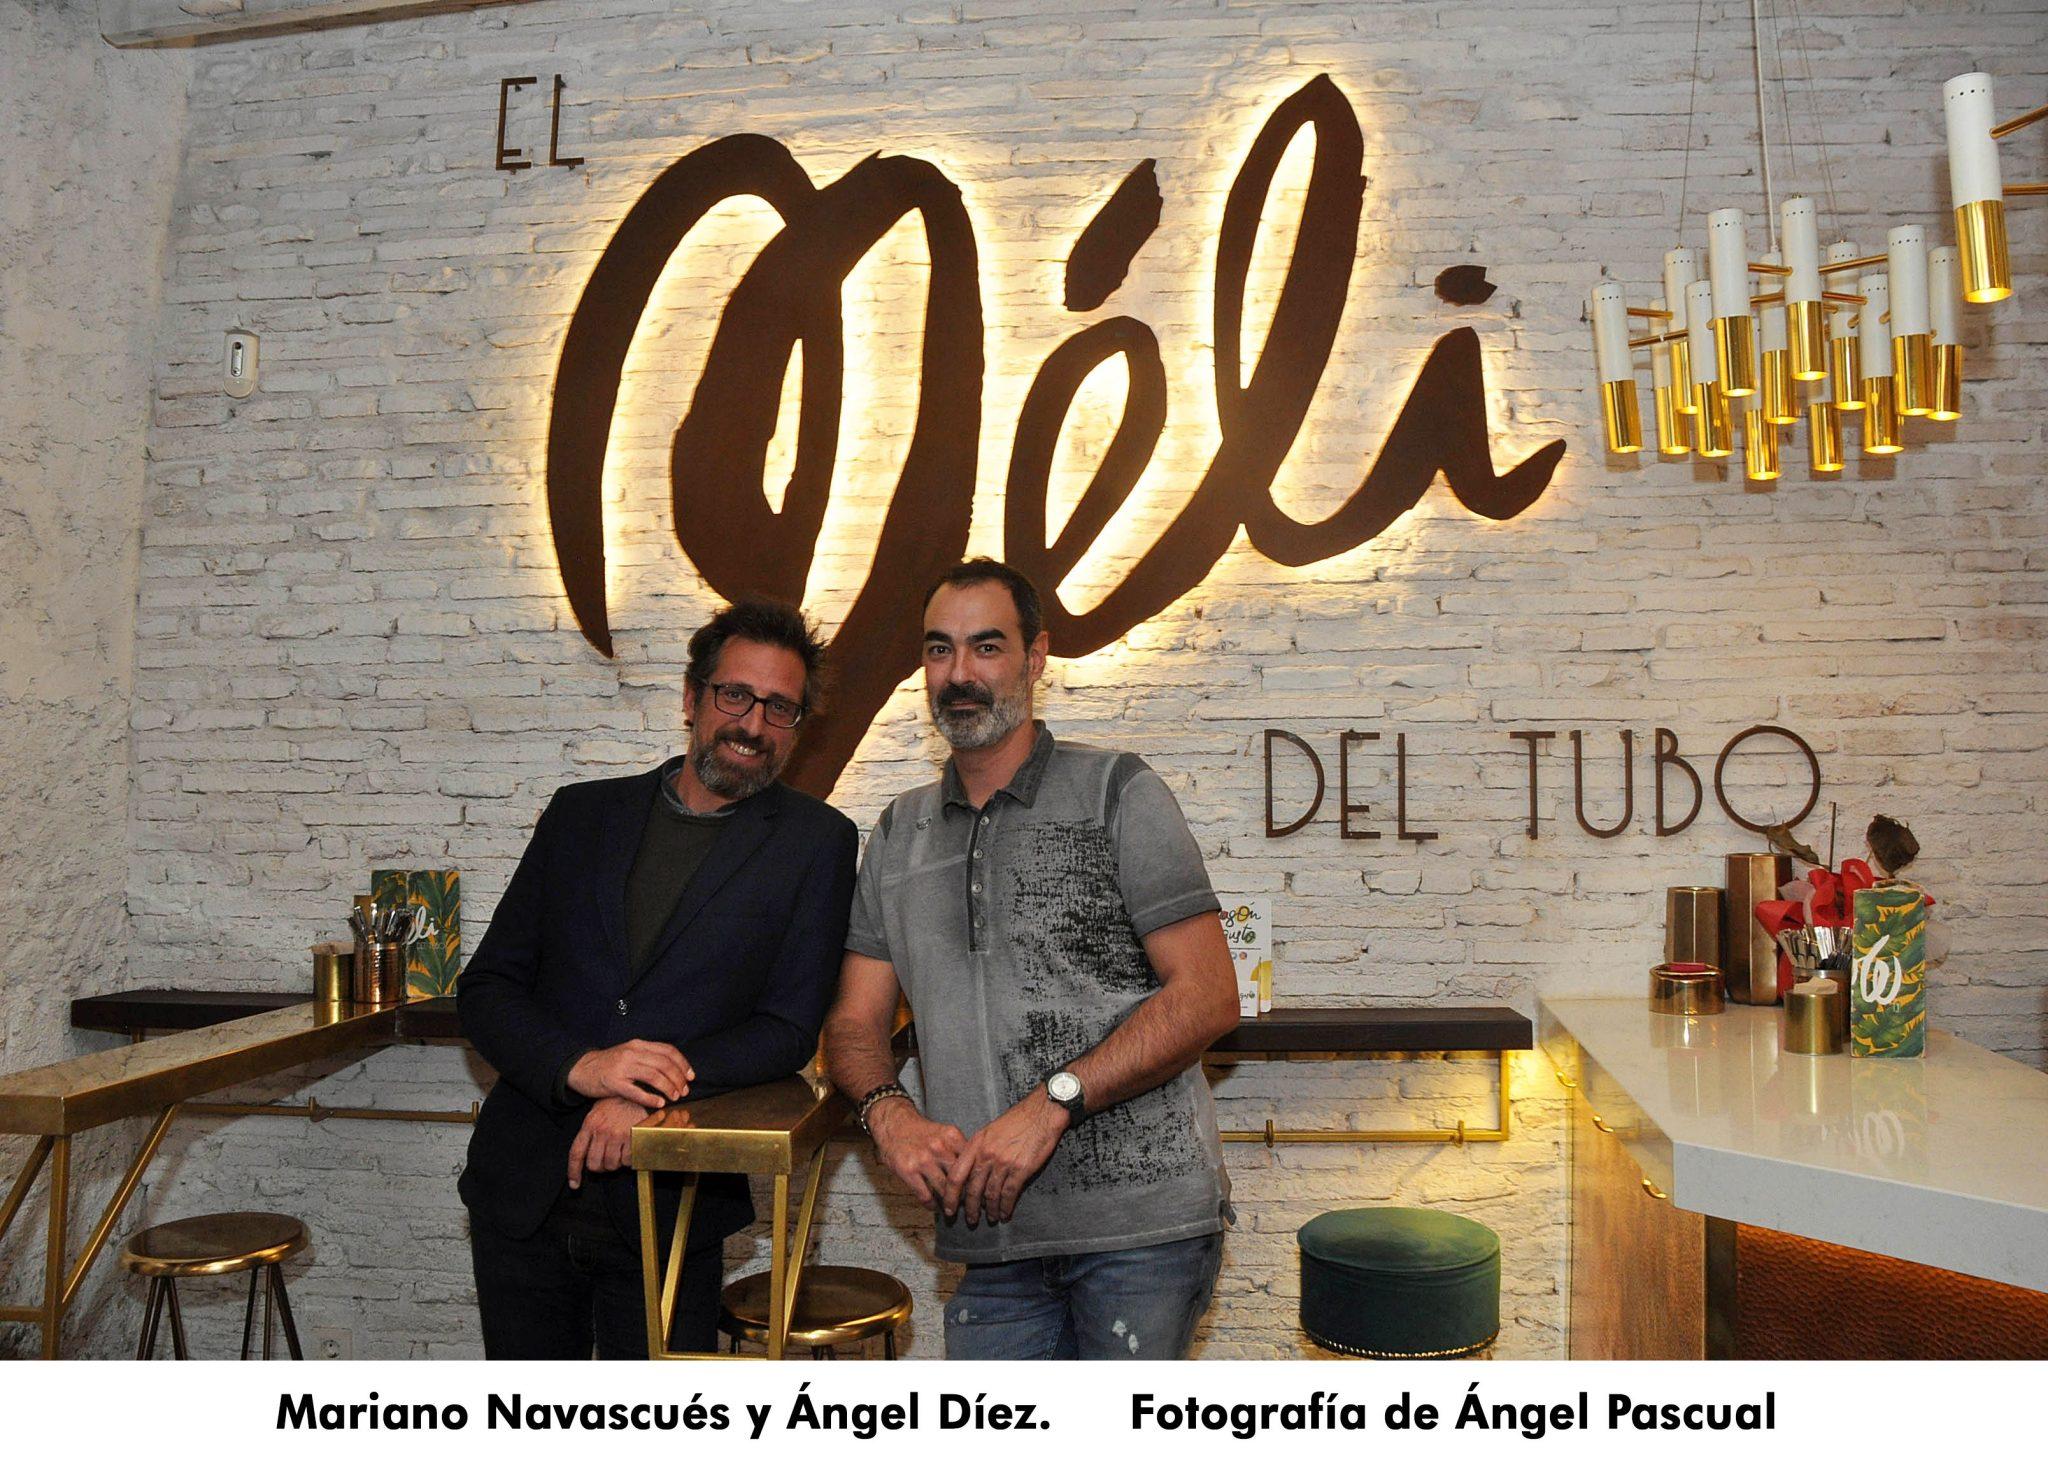 09. Mariano_Navascues_y_Angel_Diez_Meli_del_Tubo